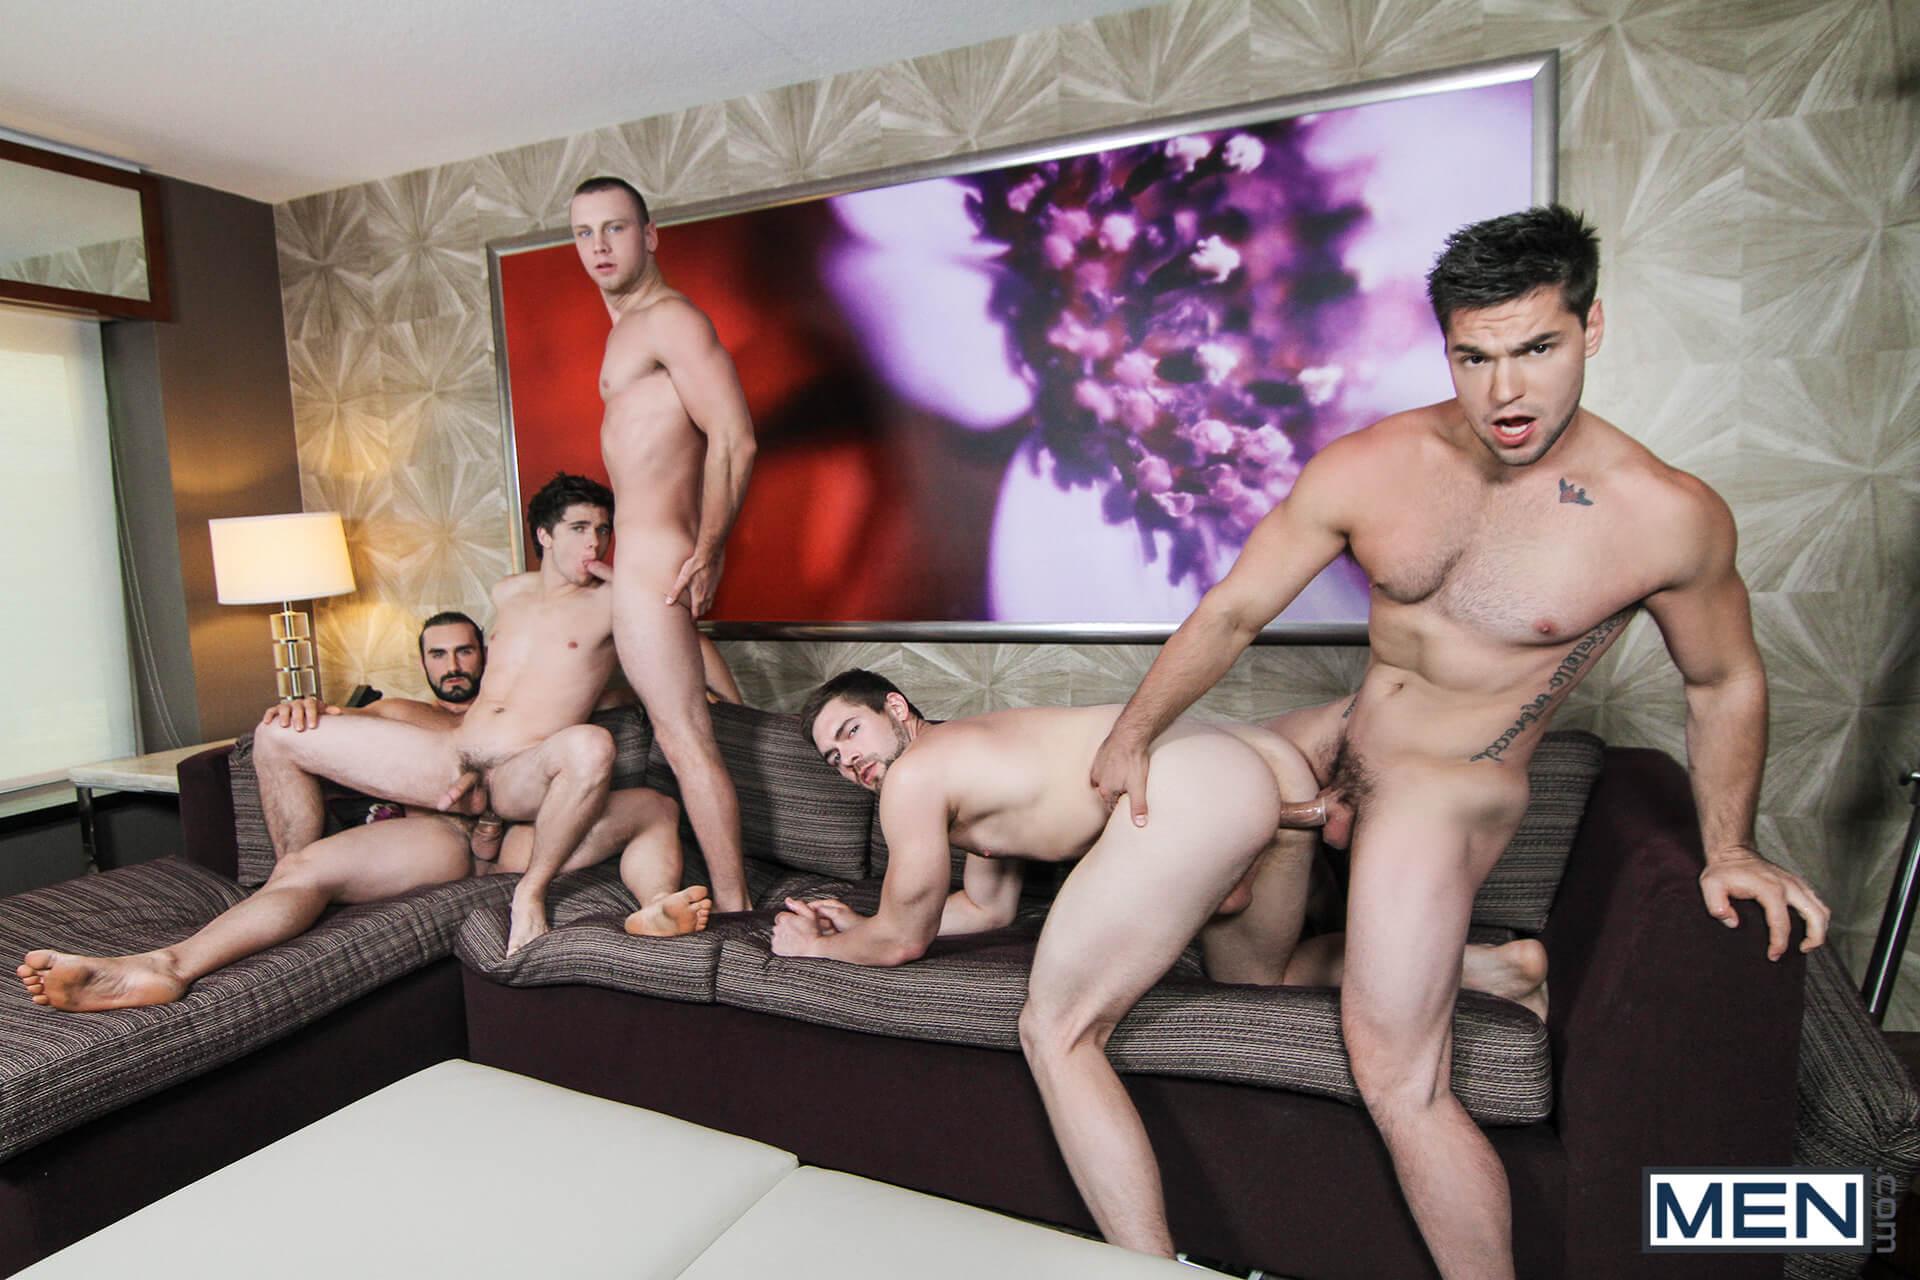 Las vegas gay porn